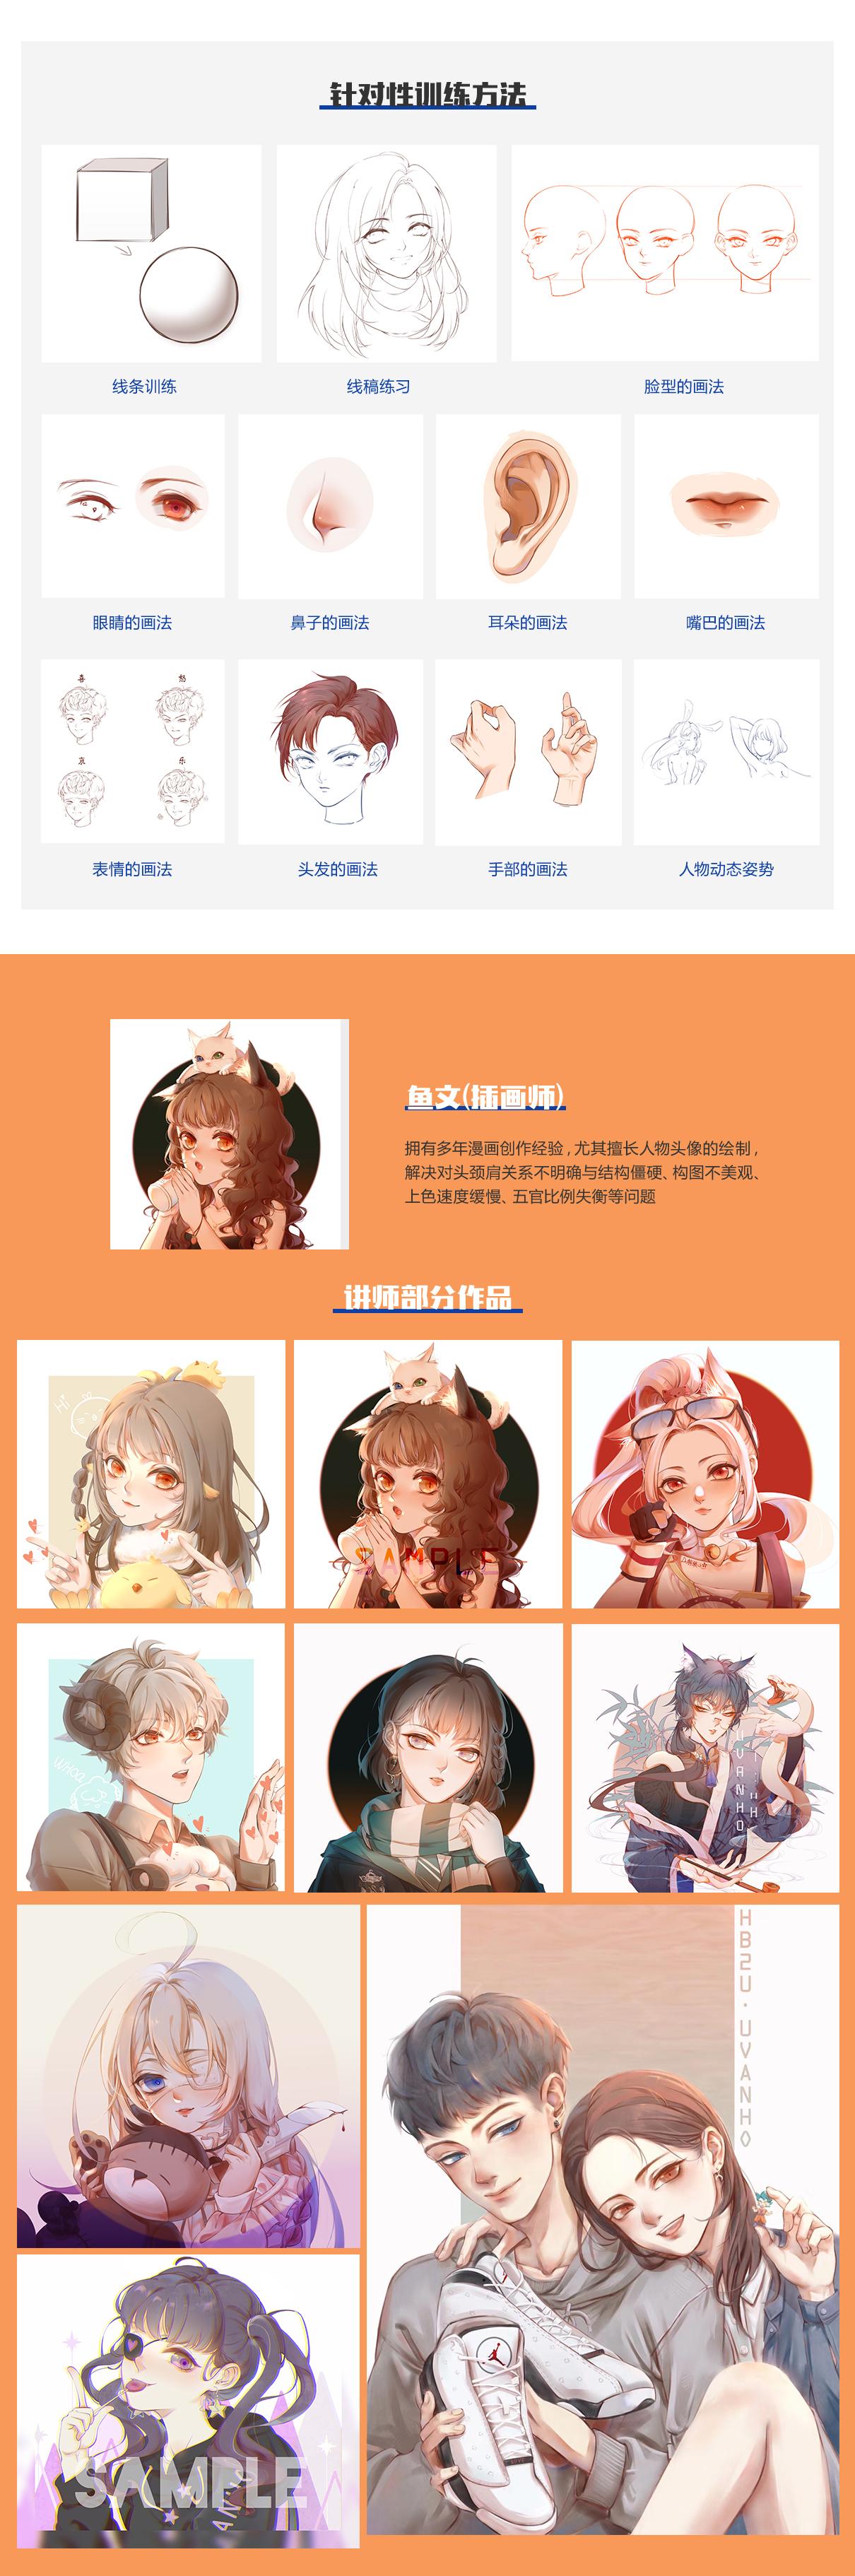 海报封面图_02.jpg